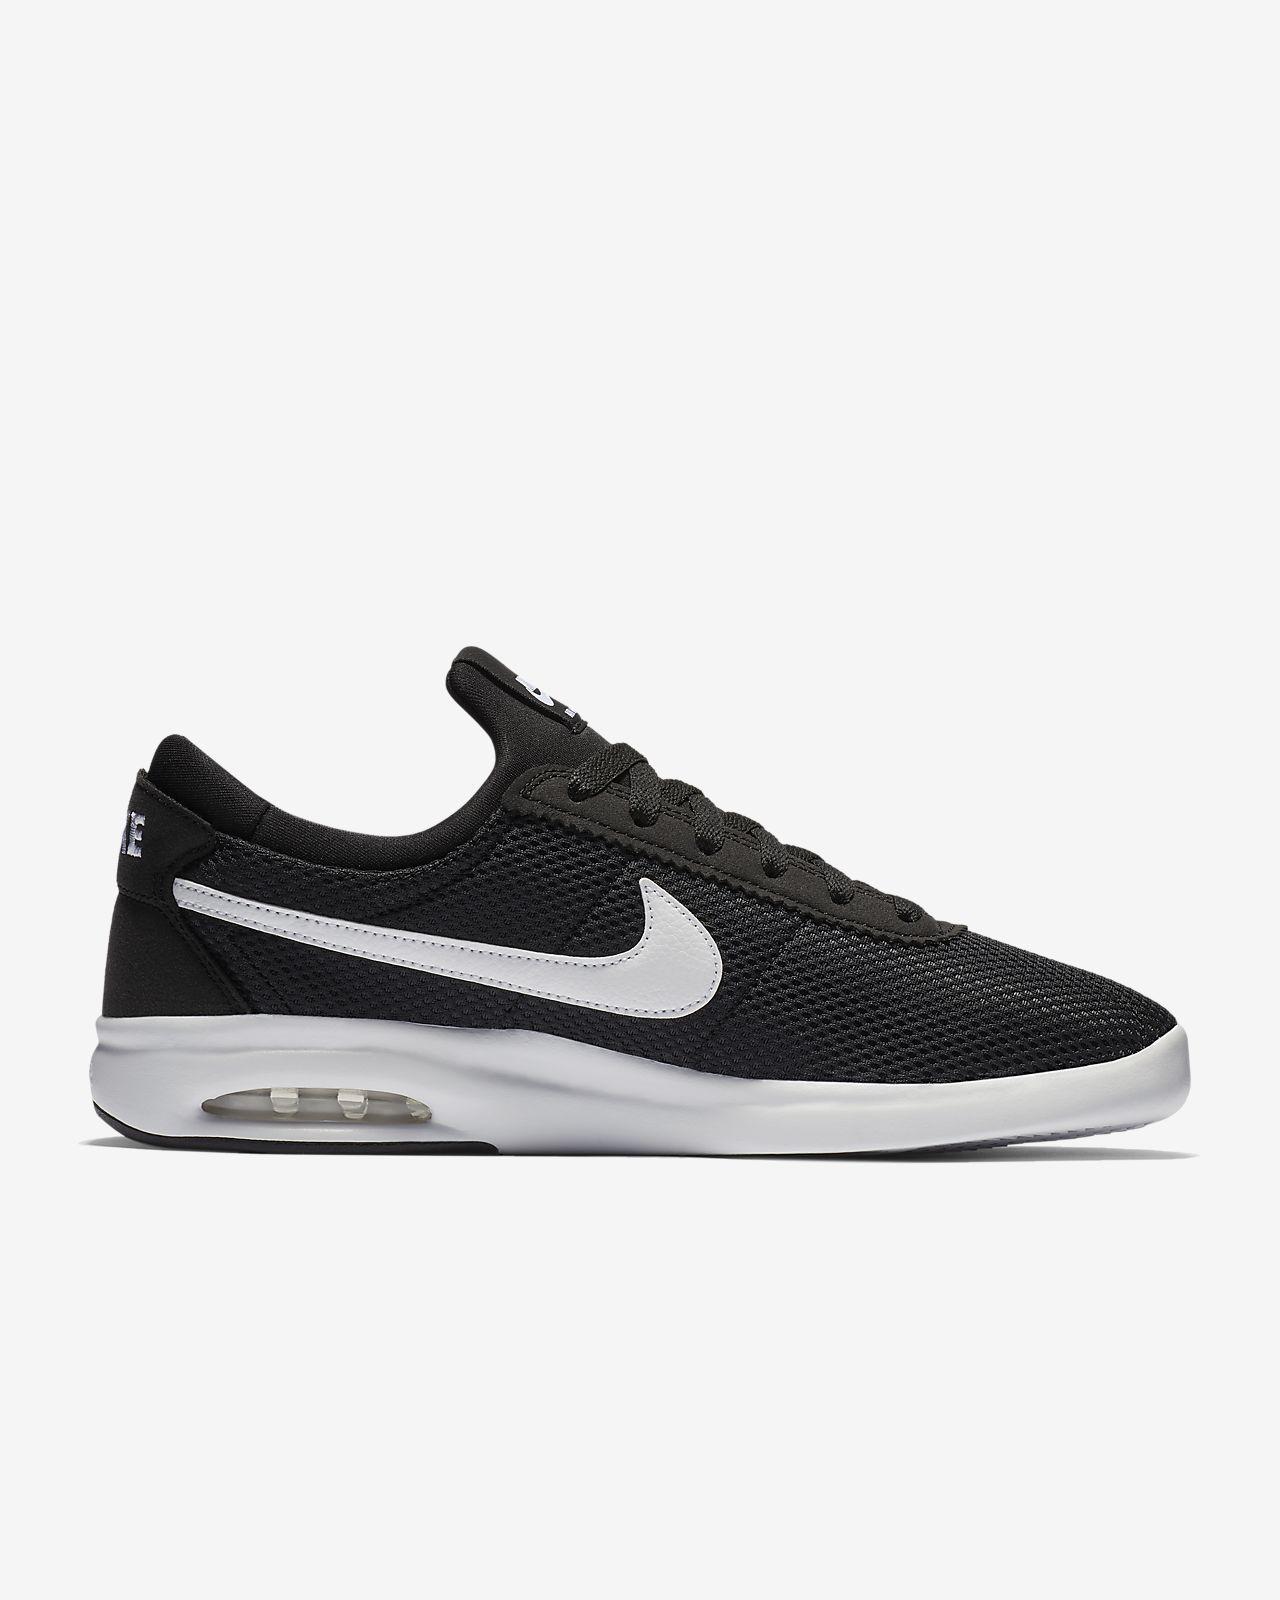 finest selection b308a a06be ... Calzado de skateboarding para hombre Nike SB Air Max Bruin Vapor